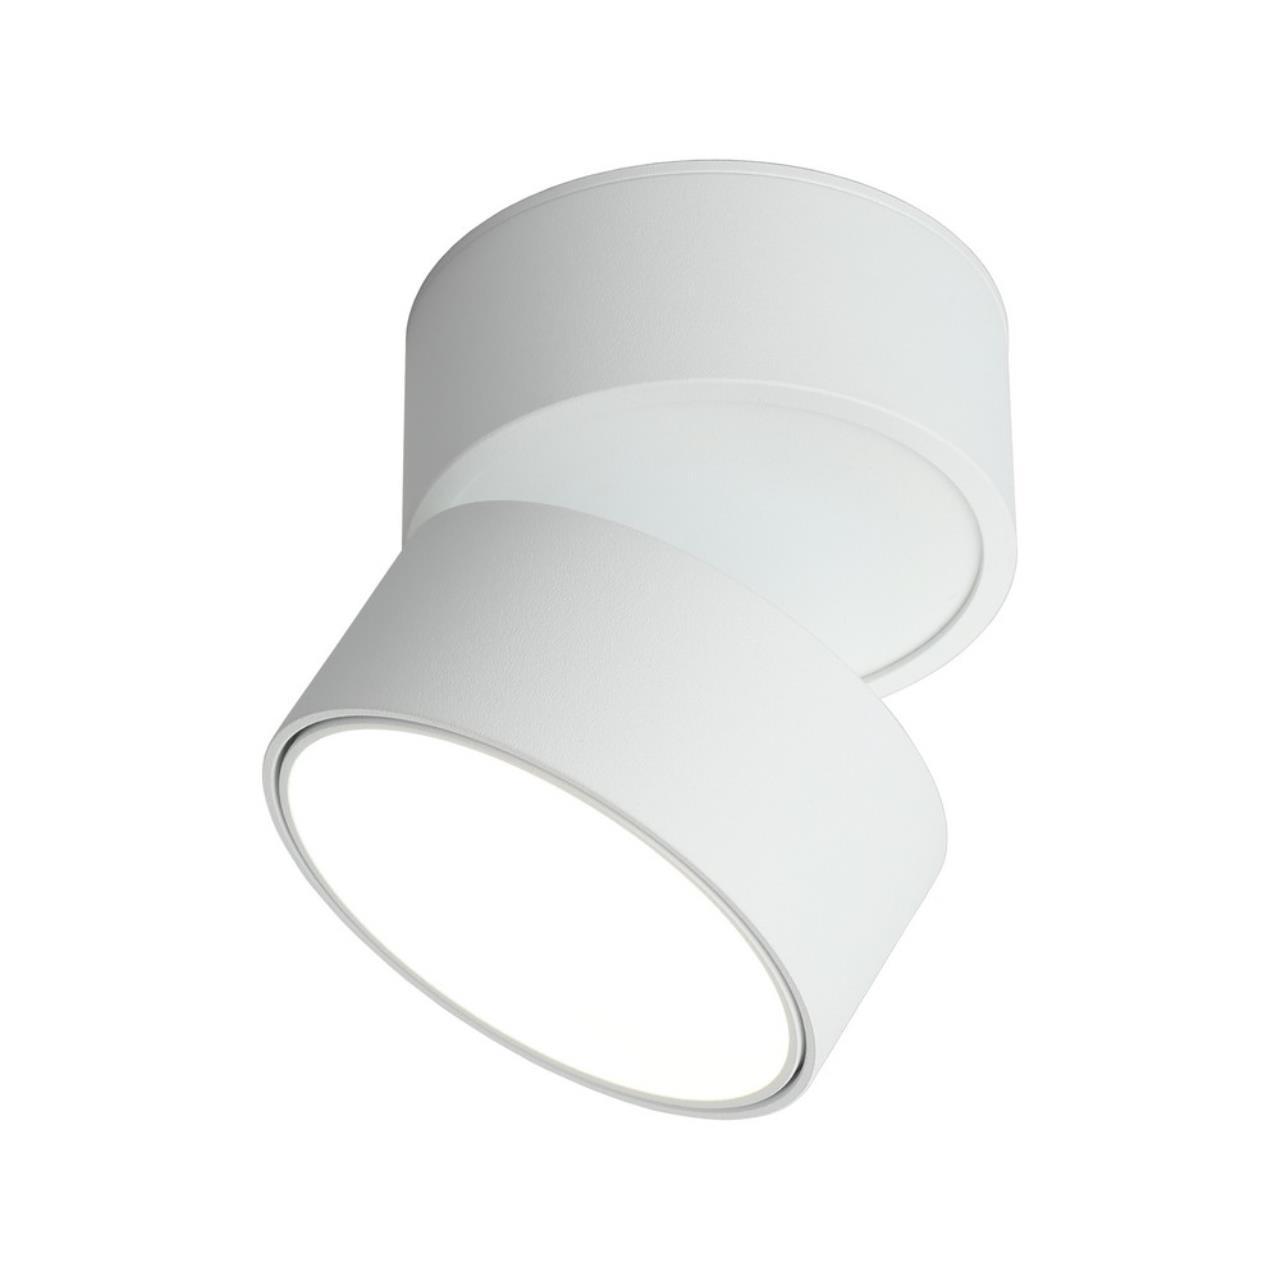 Встраиваемый-накладной светильник Omnilux OML-101309-12